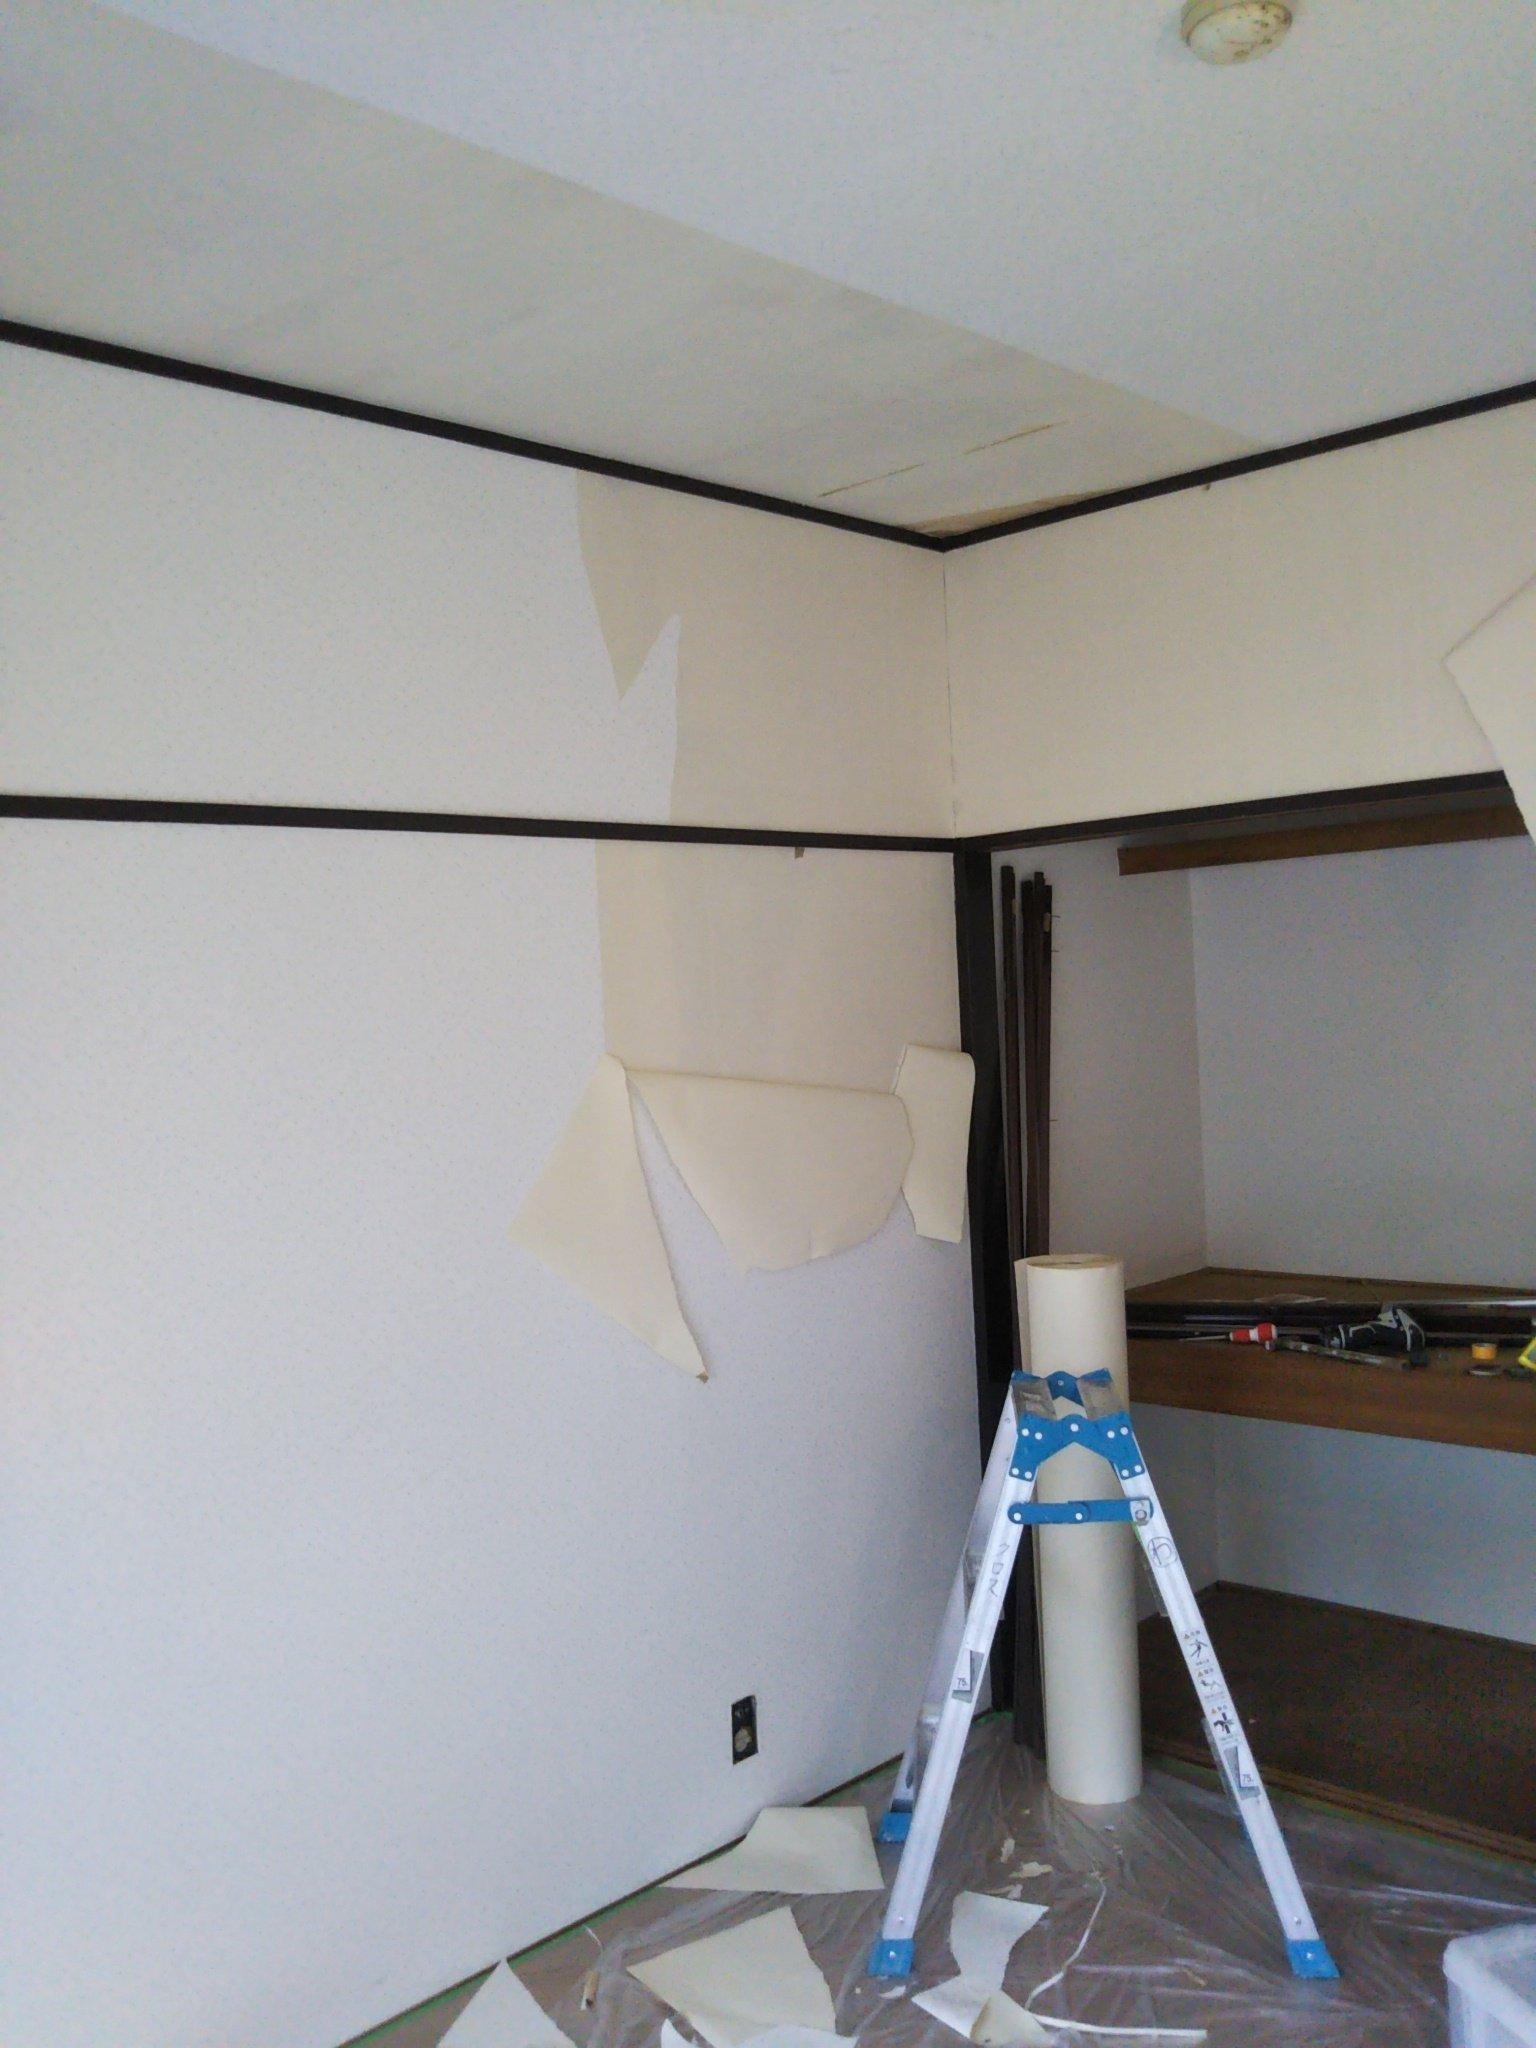 中野区中野 賃貸アパートのクロス張替え 壁紙なら北区赤羽インテリア